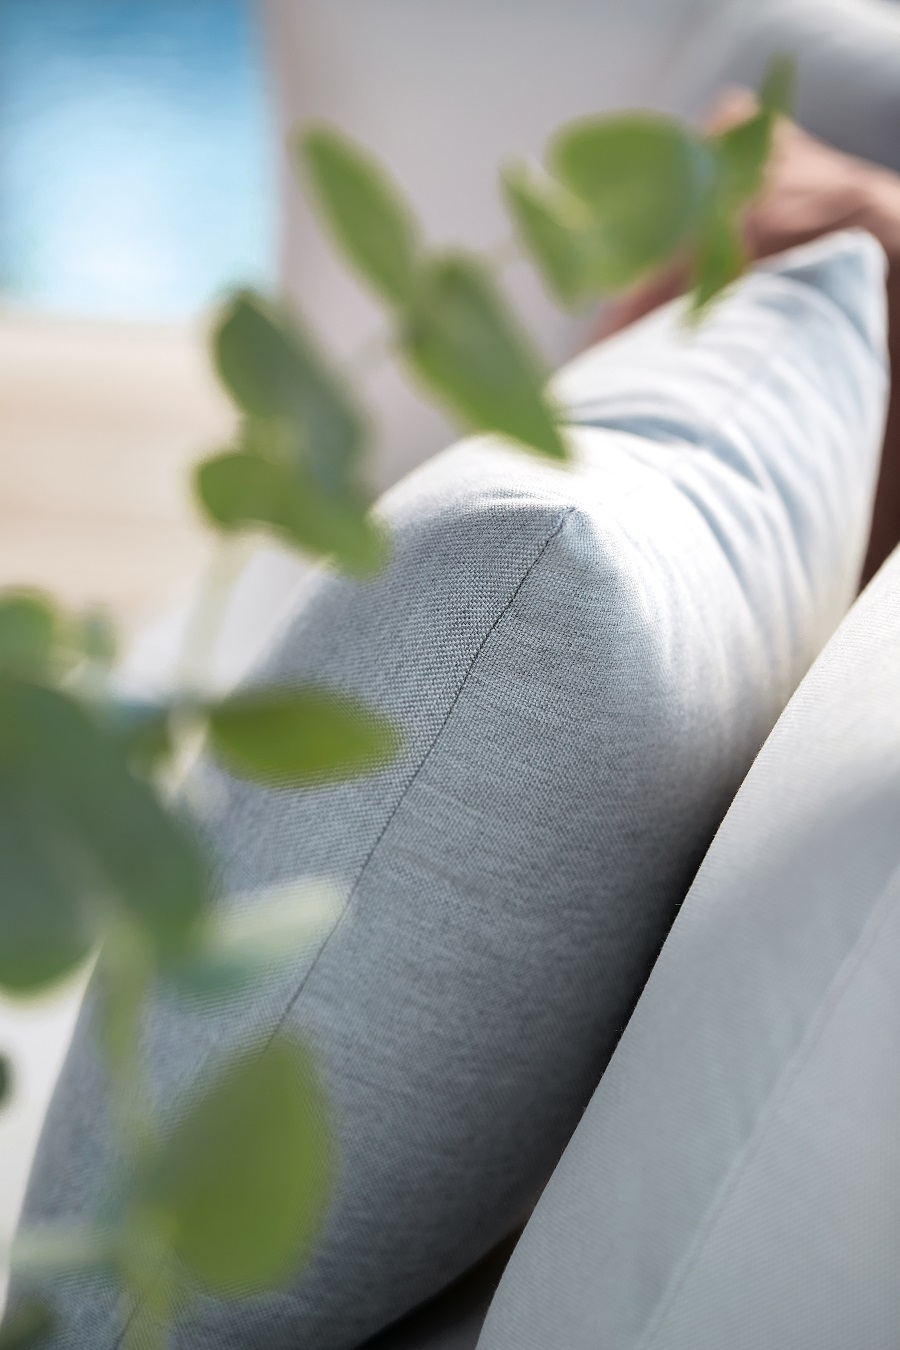 Coussins d'extérieur résistants de la marque Sunbrella